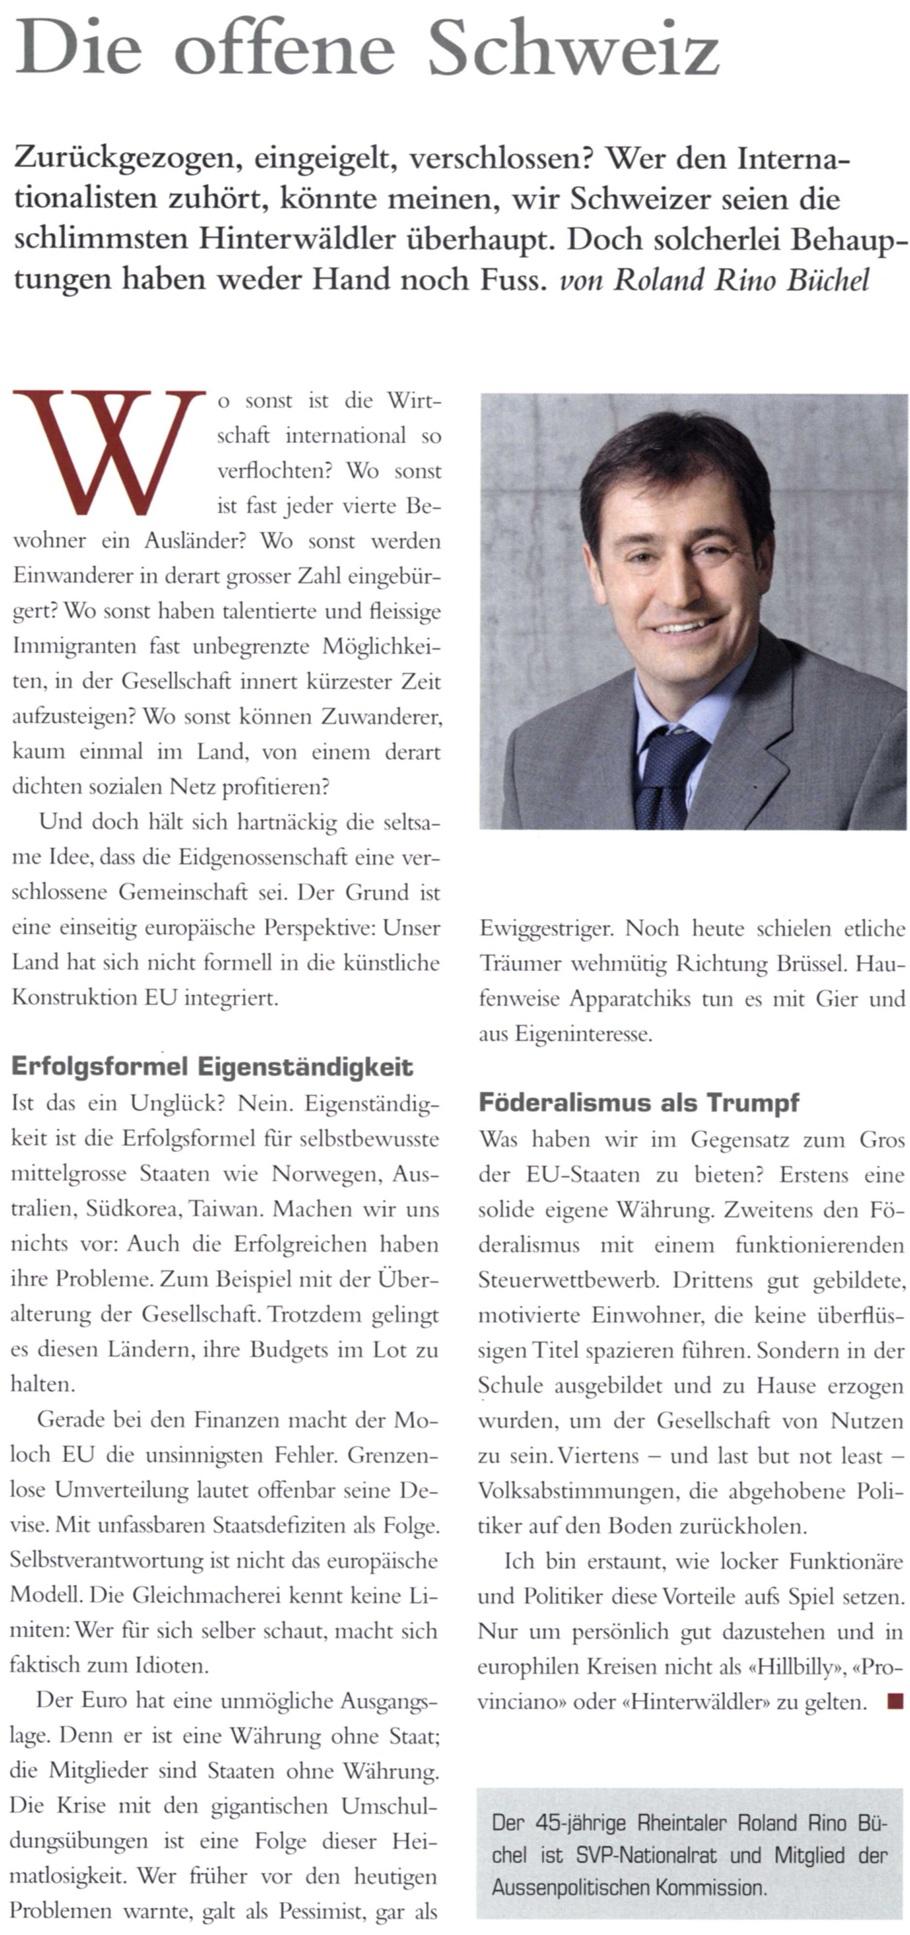 LEADER: Die offene Schweiz